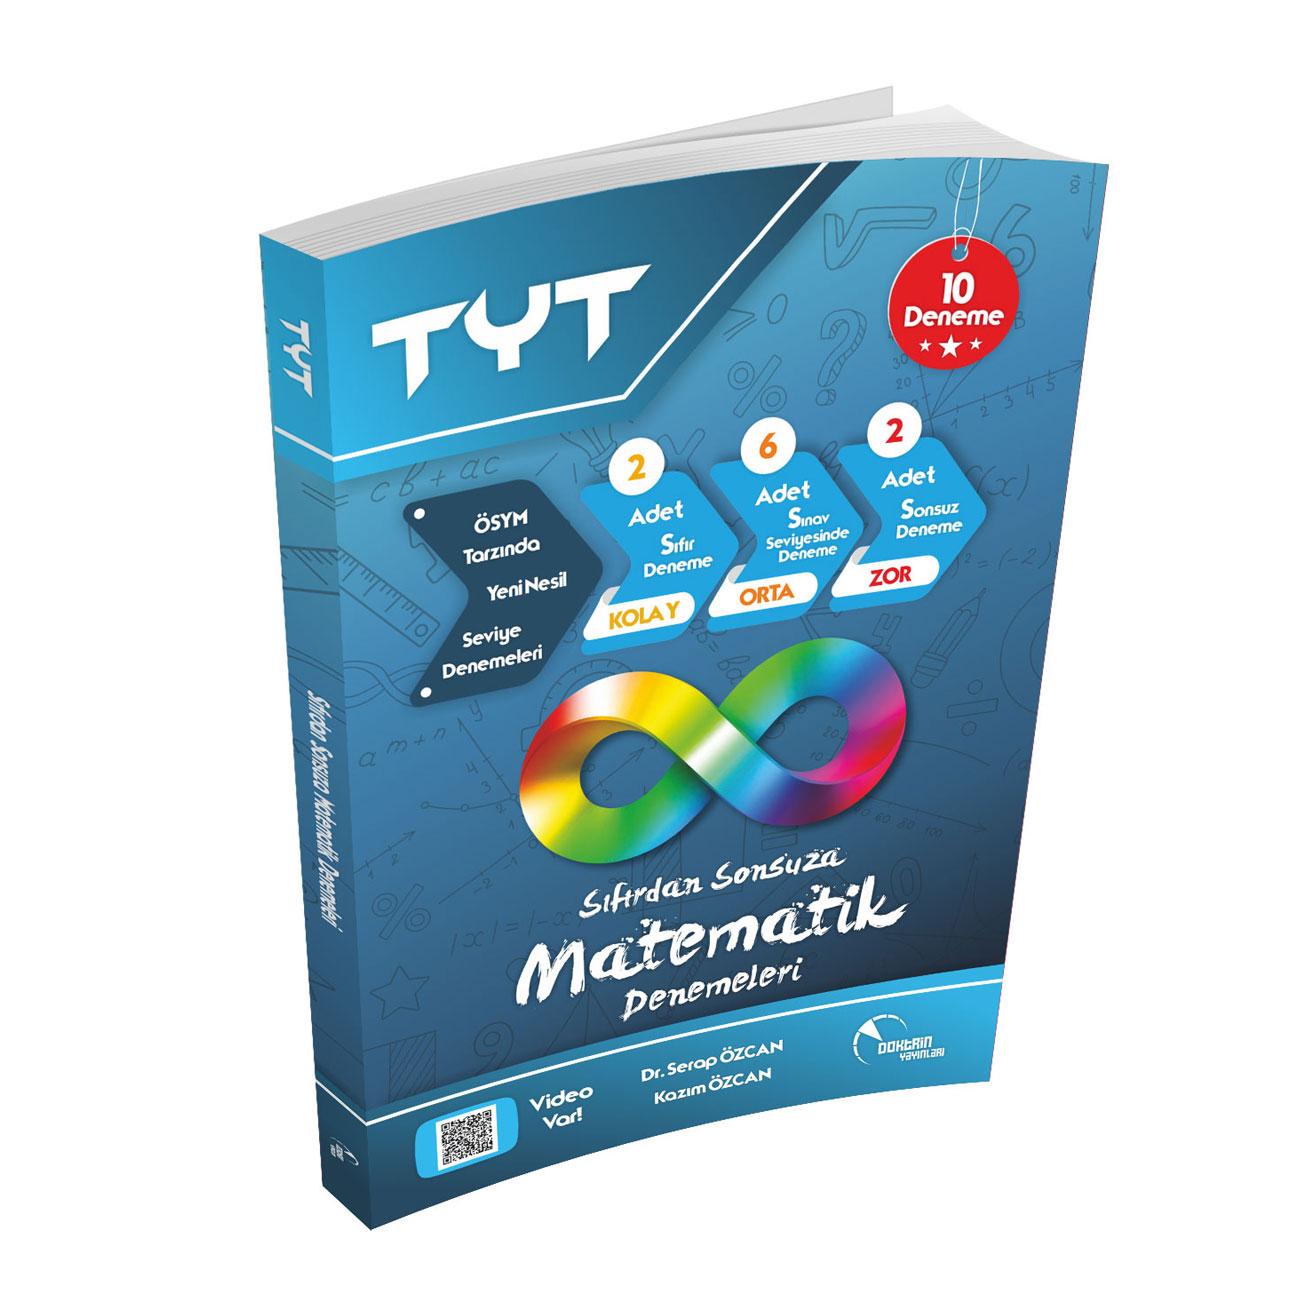 TYT Sıfırdan Sonsuza Video Çözümlü Matematik 10 lu Deneme